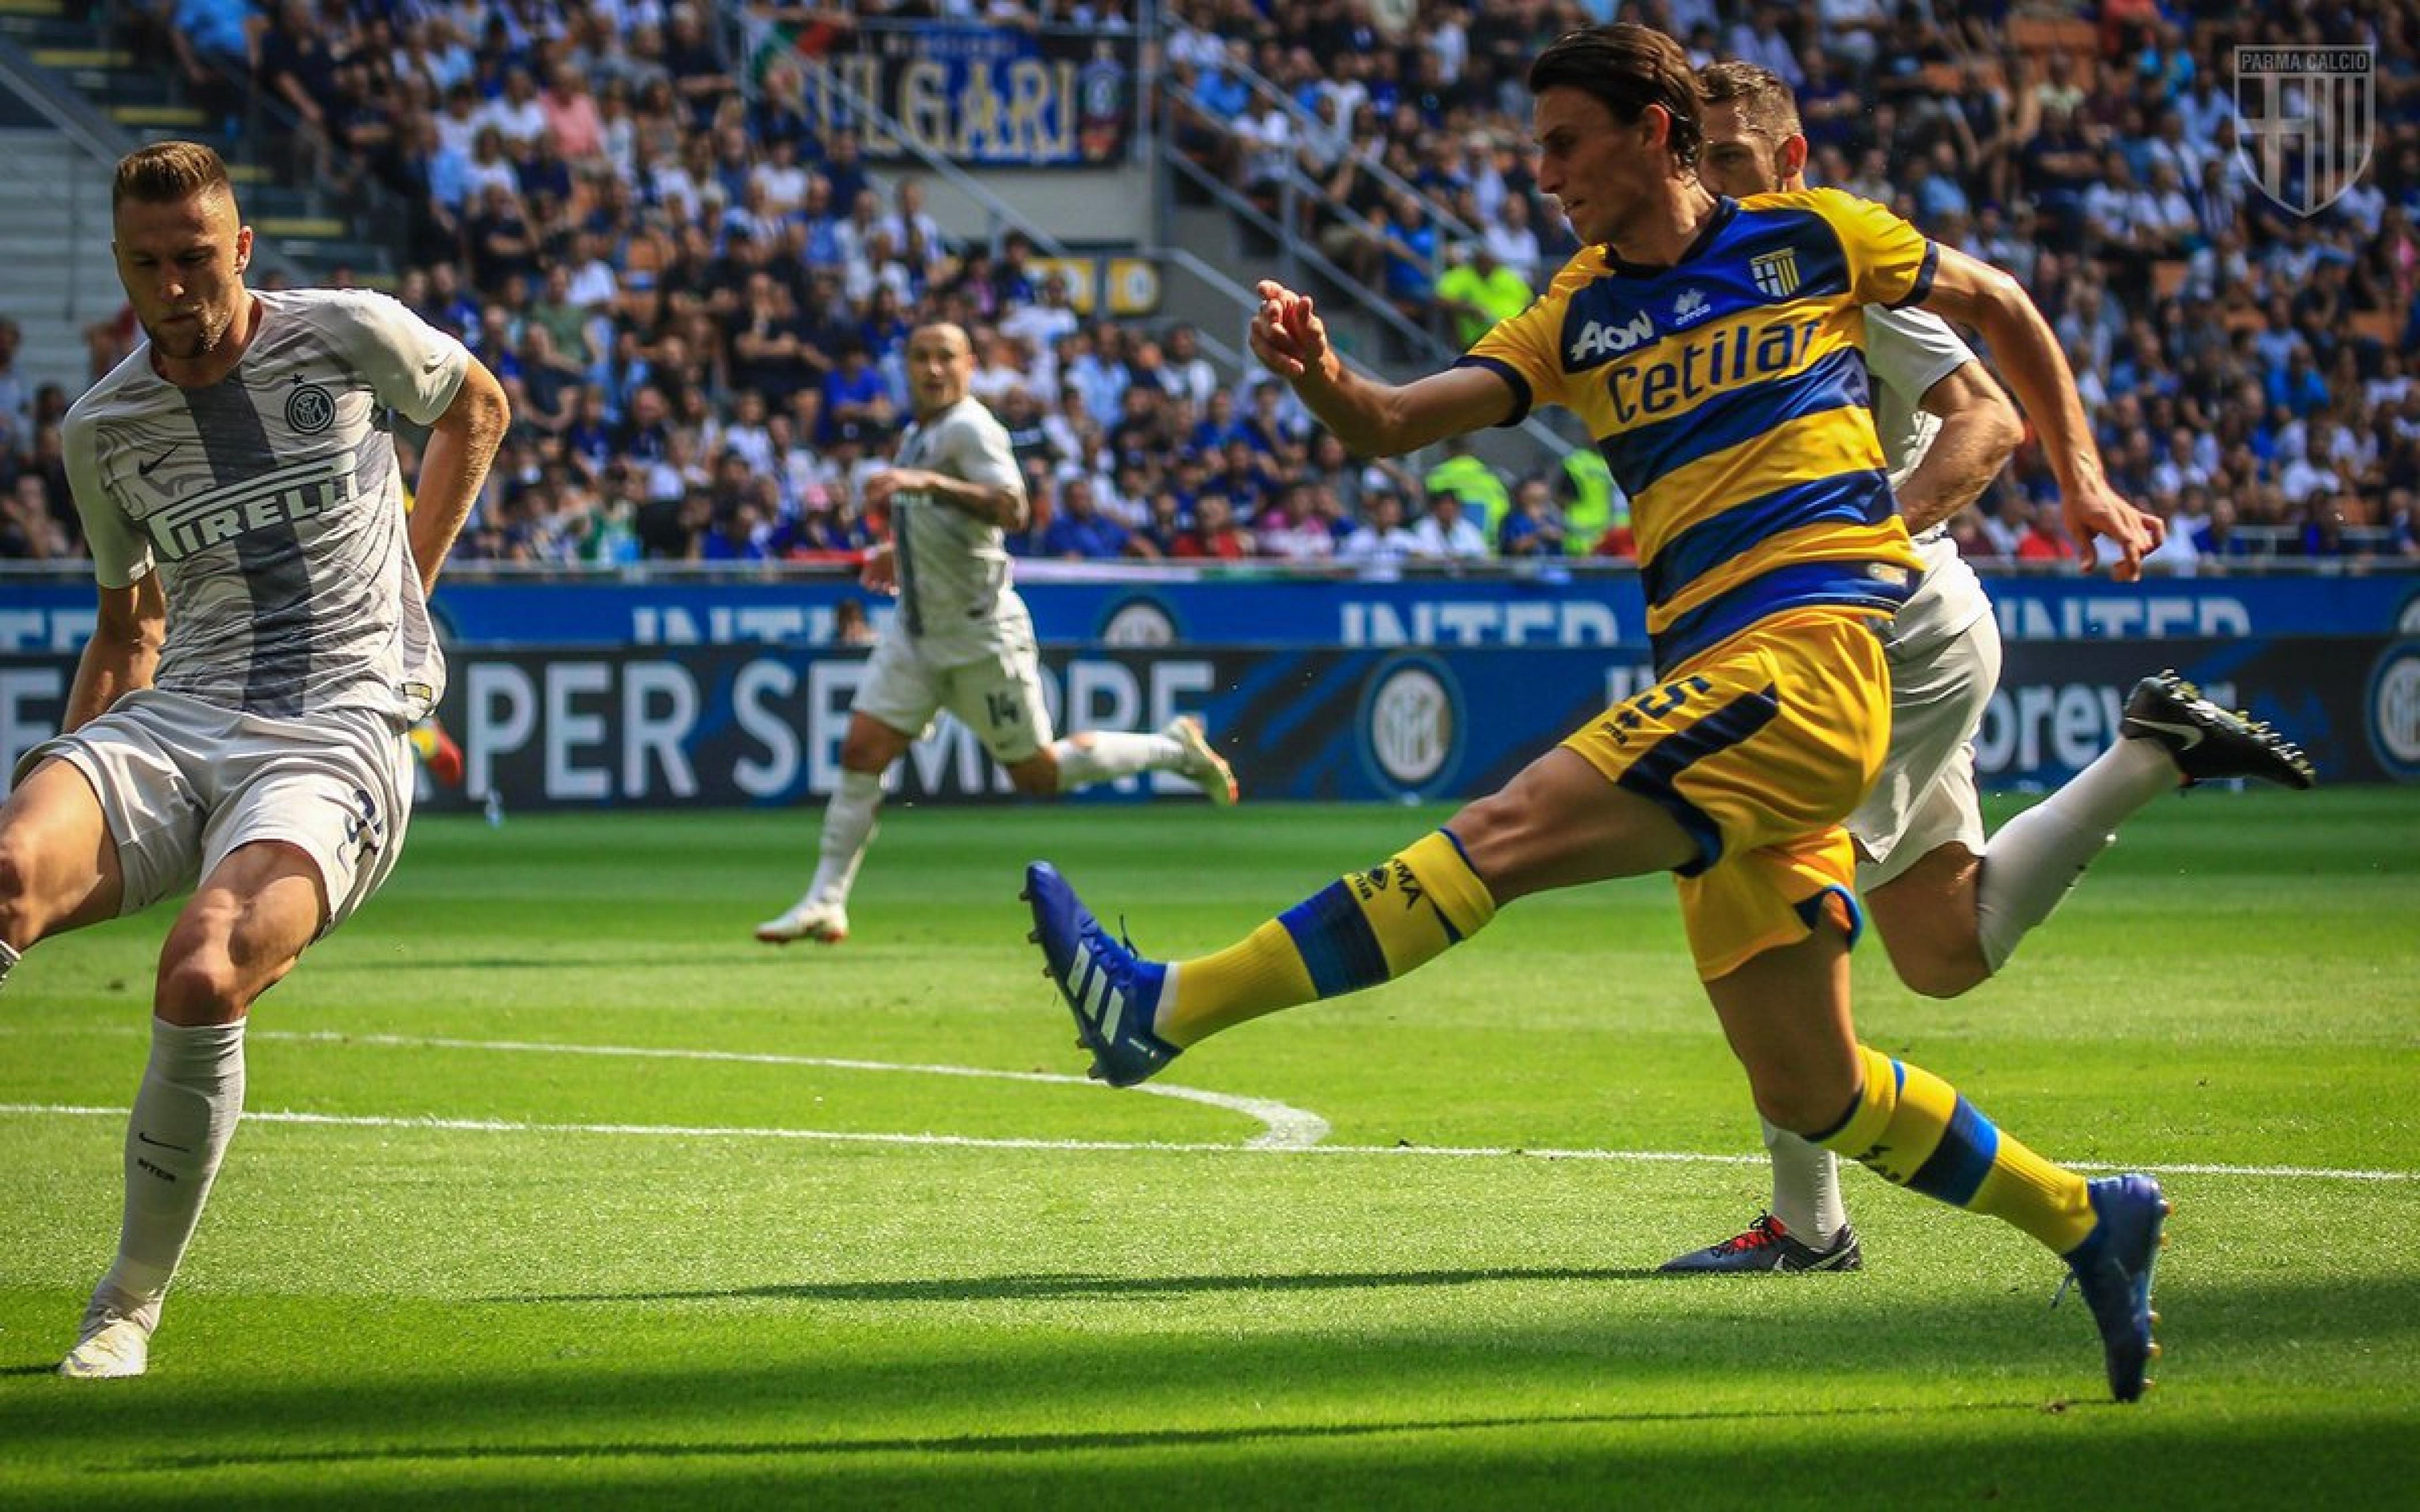 Serie A: perla di Dimarco, il Parma espugna San Siro. Solo quattro punti per l'Inter in quattro partite